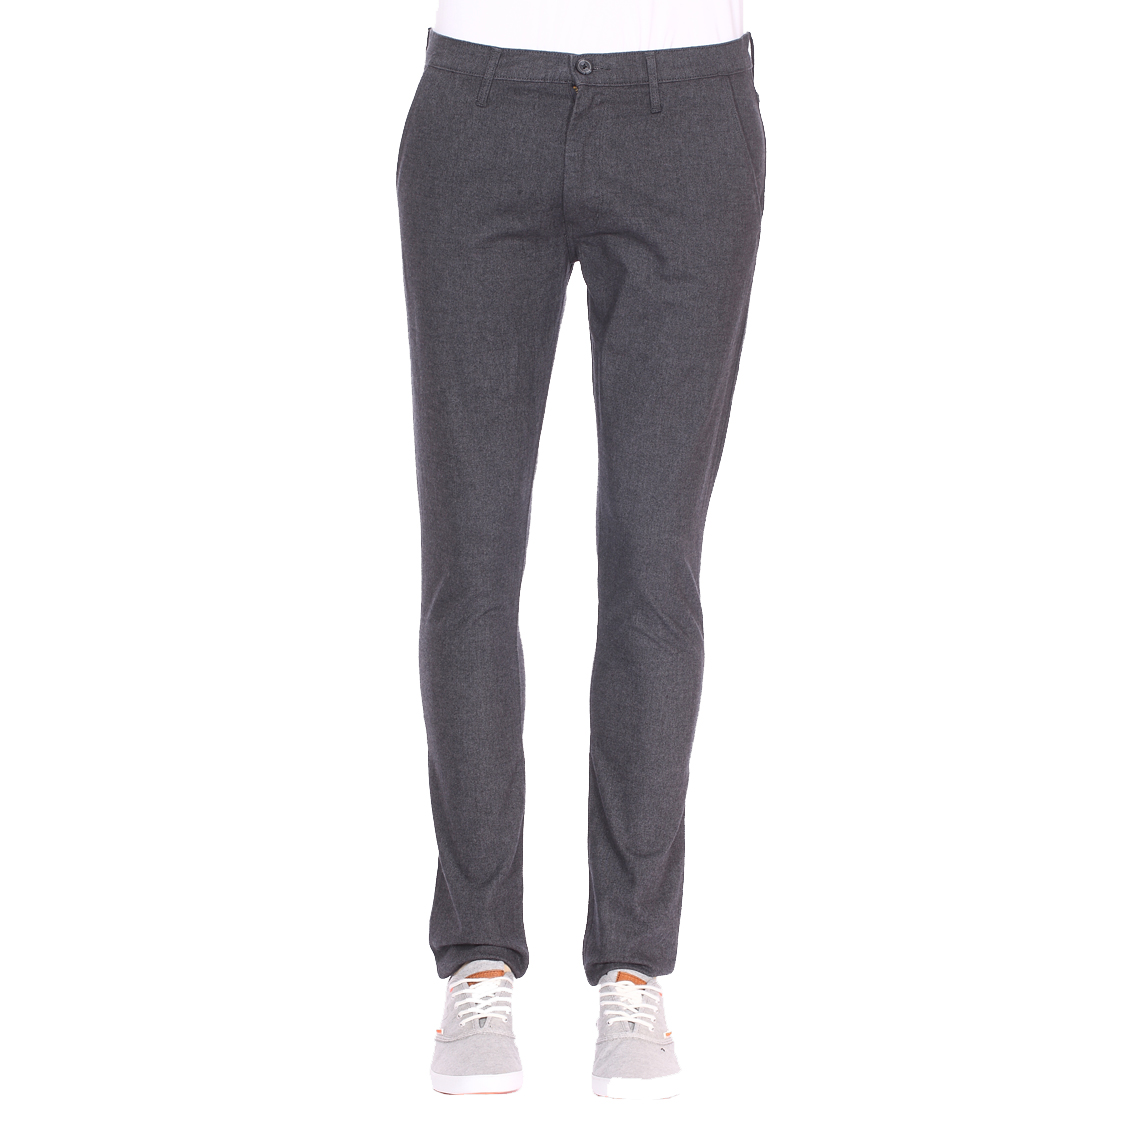 Pantalon chino  larston en laine mélangée stretch gris anthracite